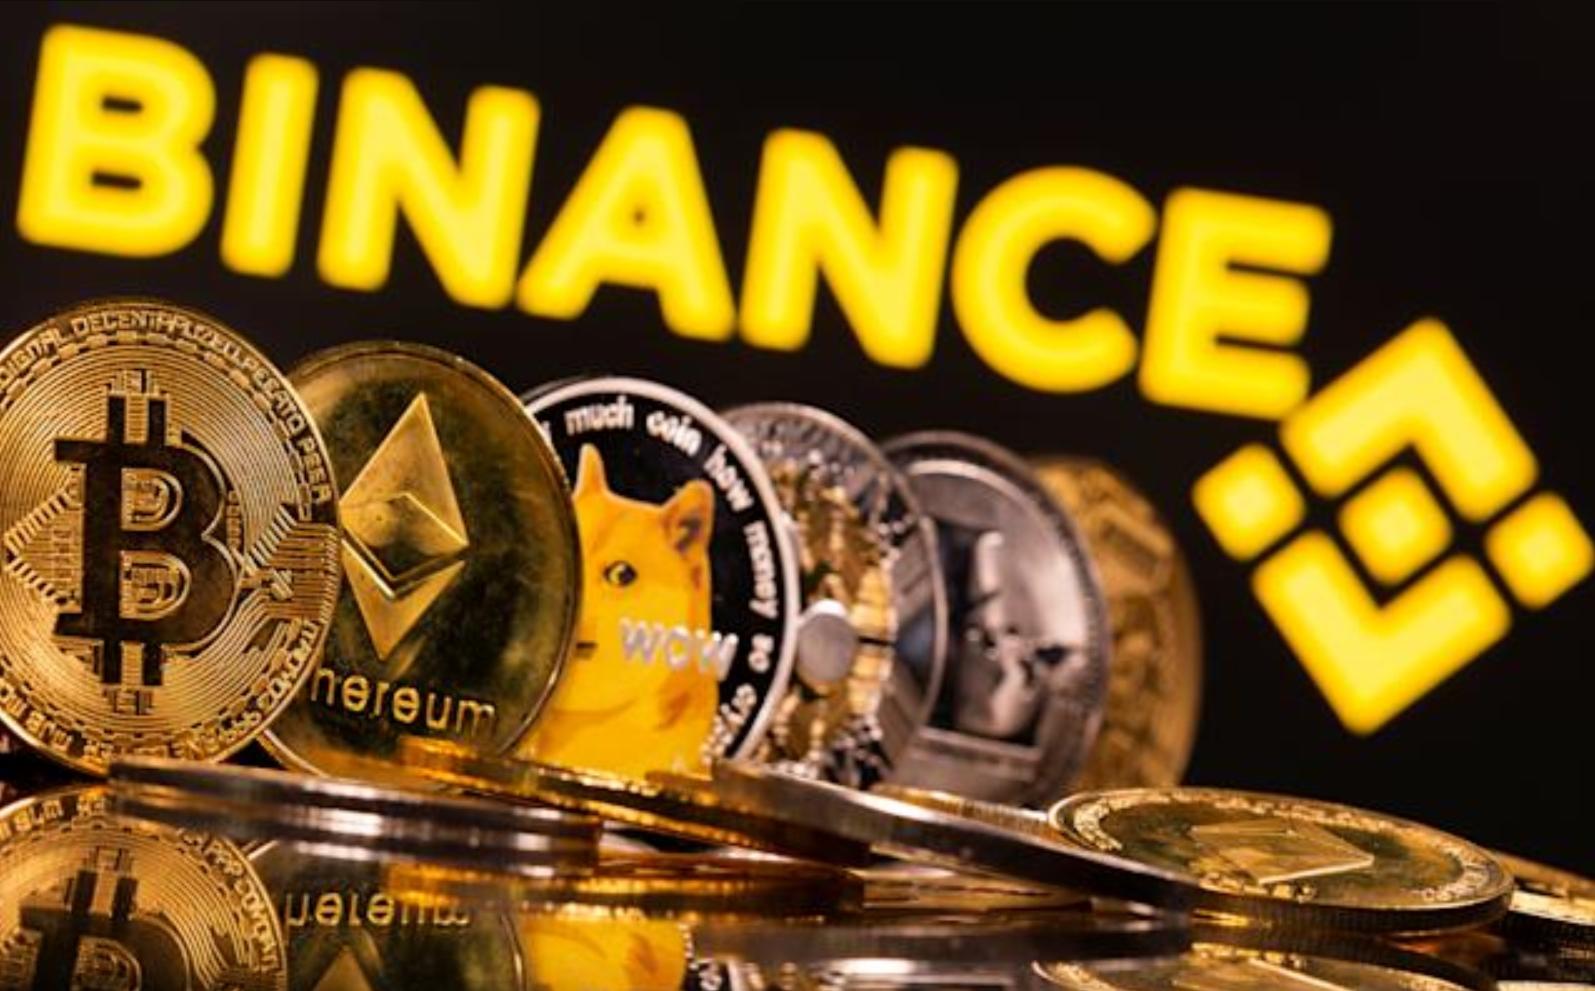 加密貨幣總市值達2.65兆美元、創歷史新高!幣安單日交易量衝破1000億美元